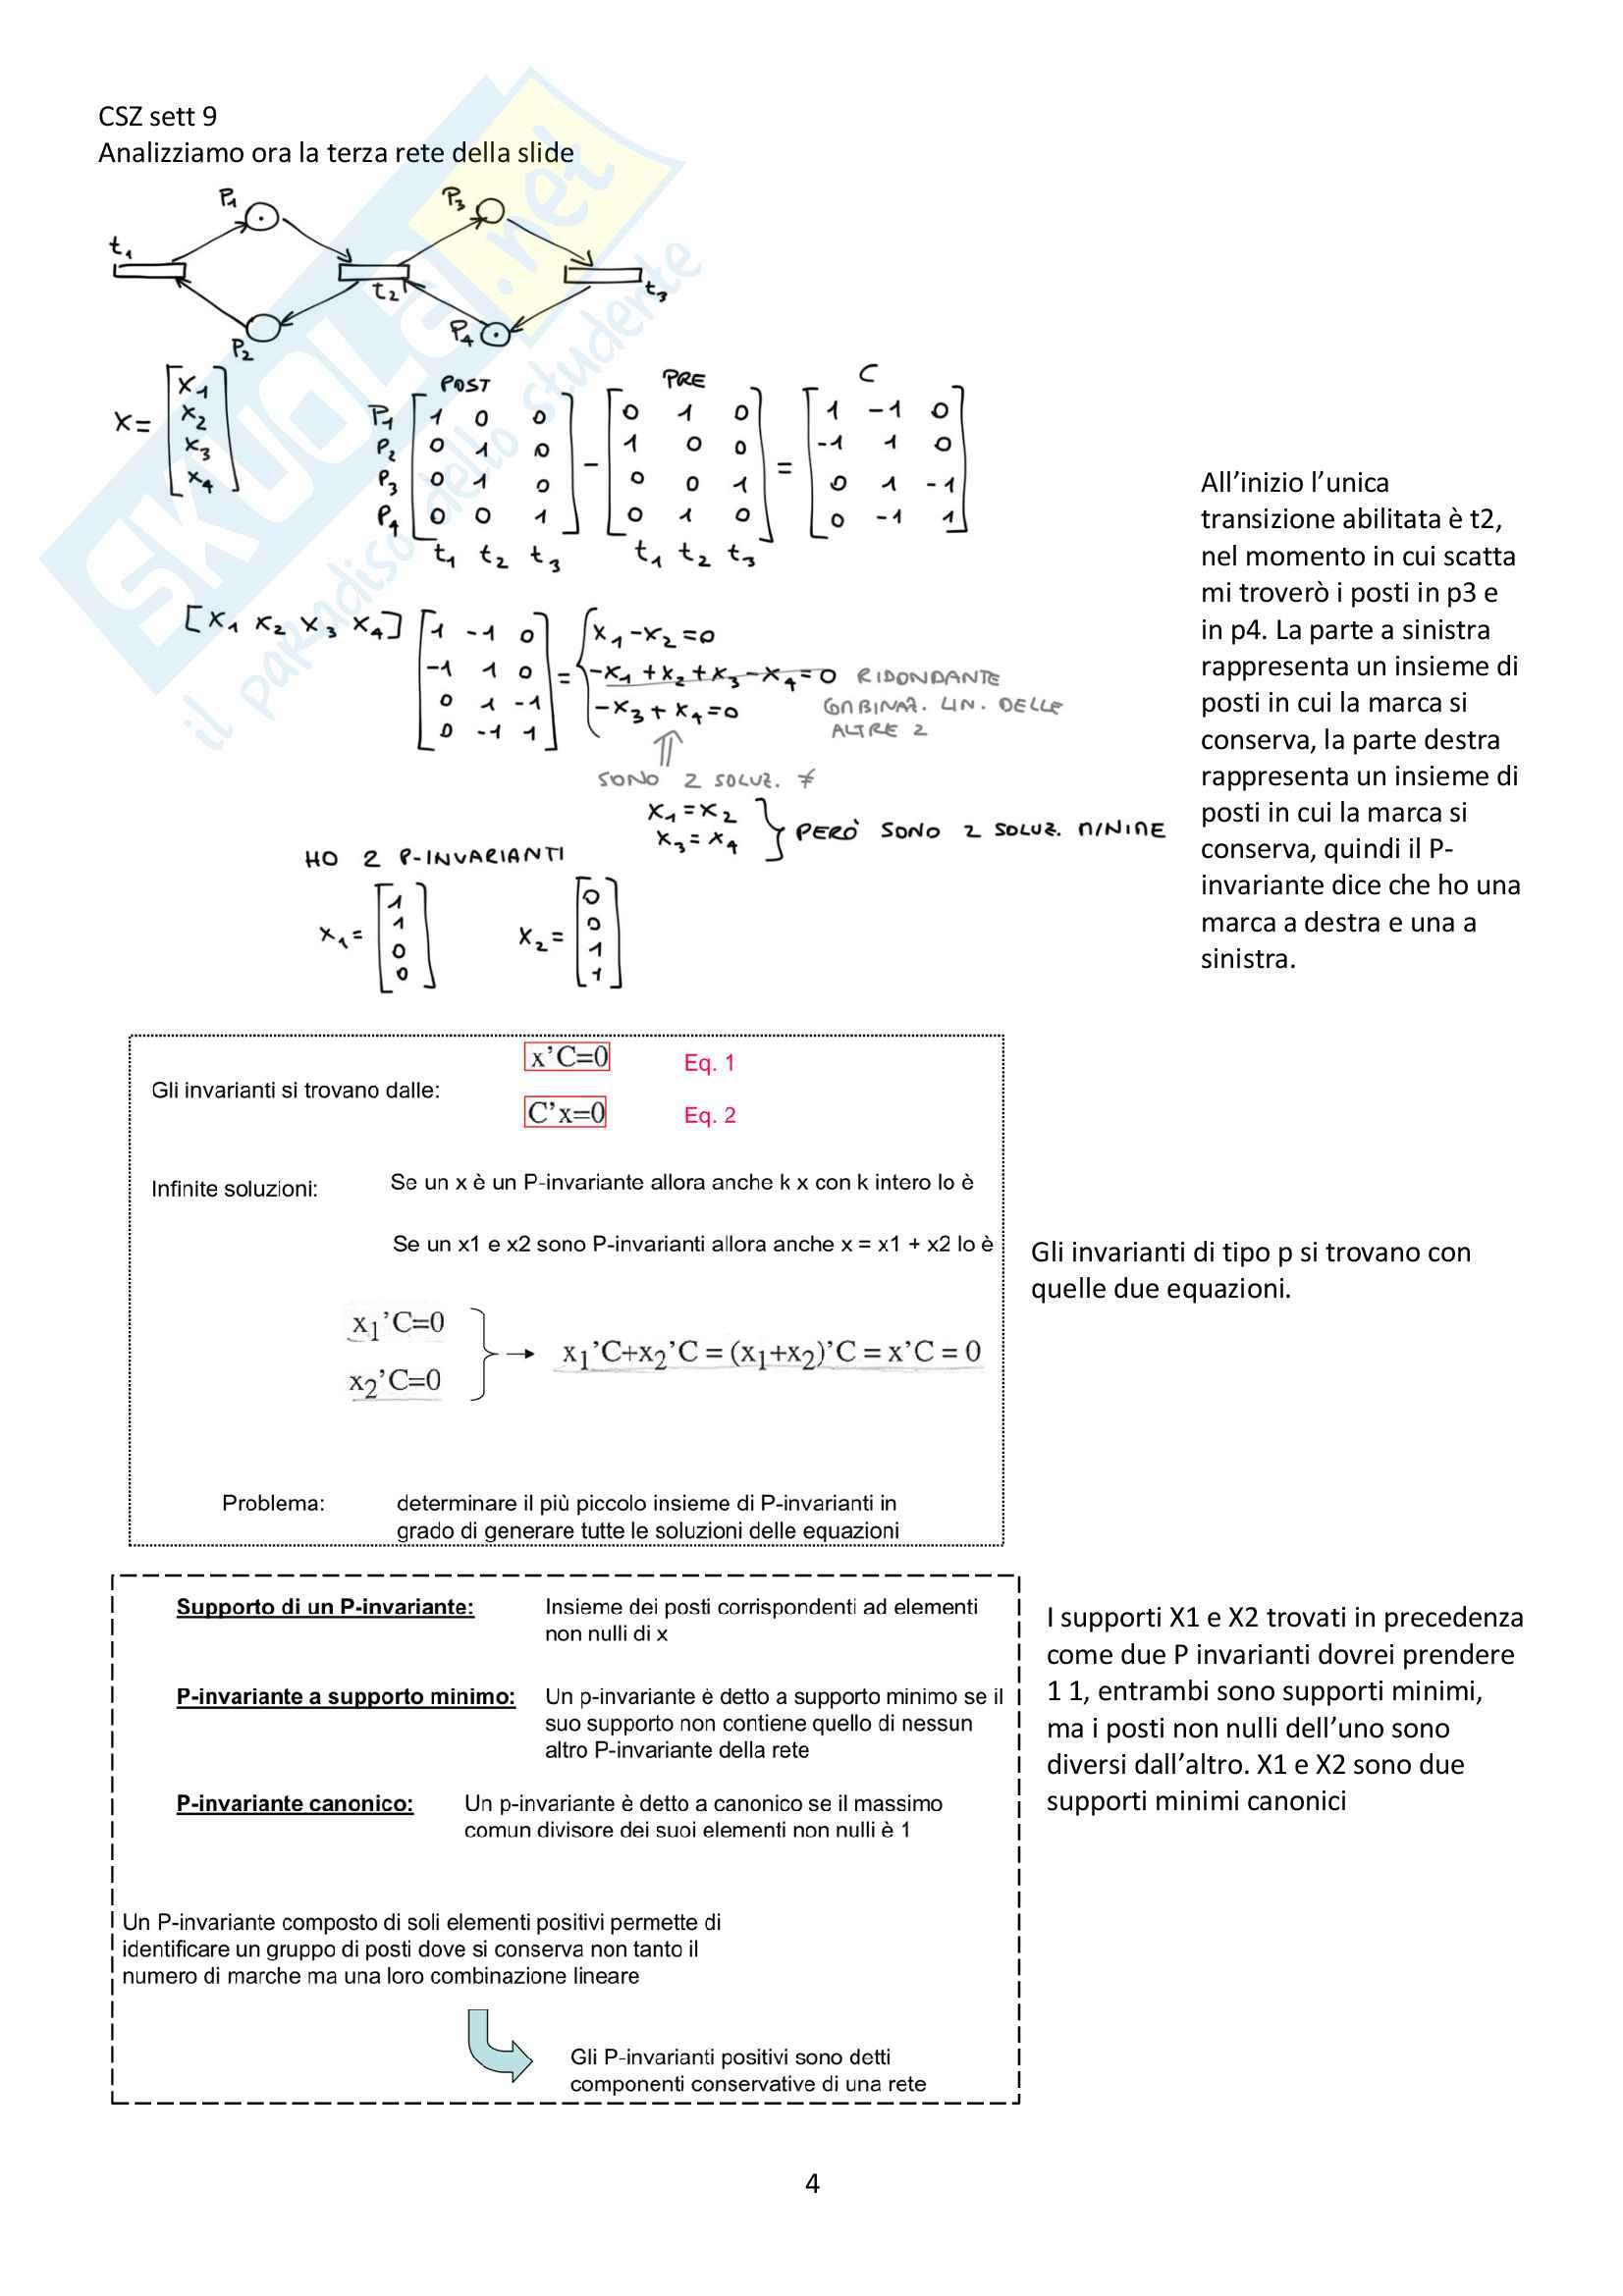 Appunti delle lezioni - Programmazione e controllo della produzione, Gisario Pag. 76